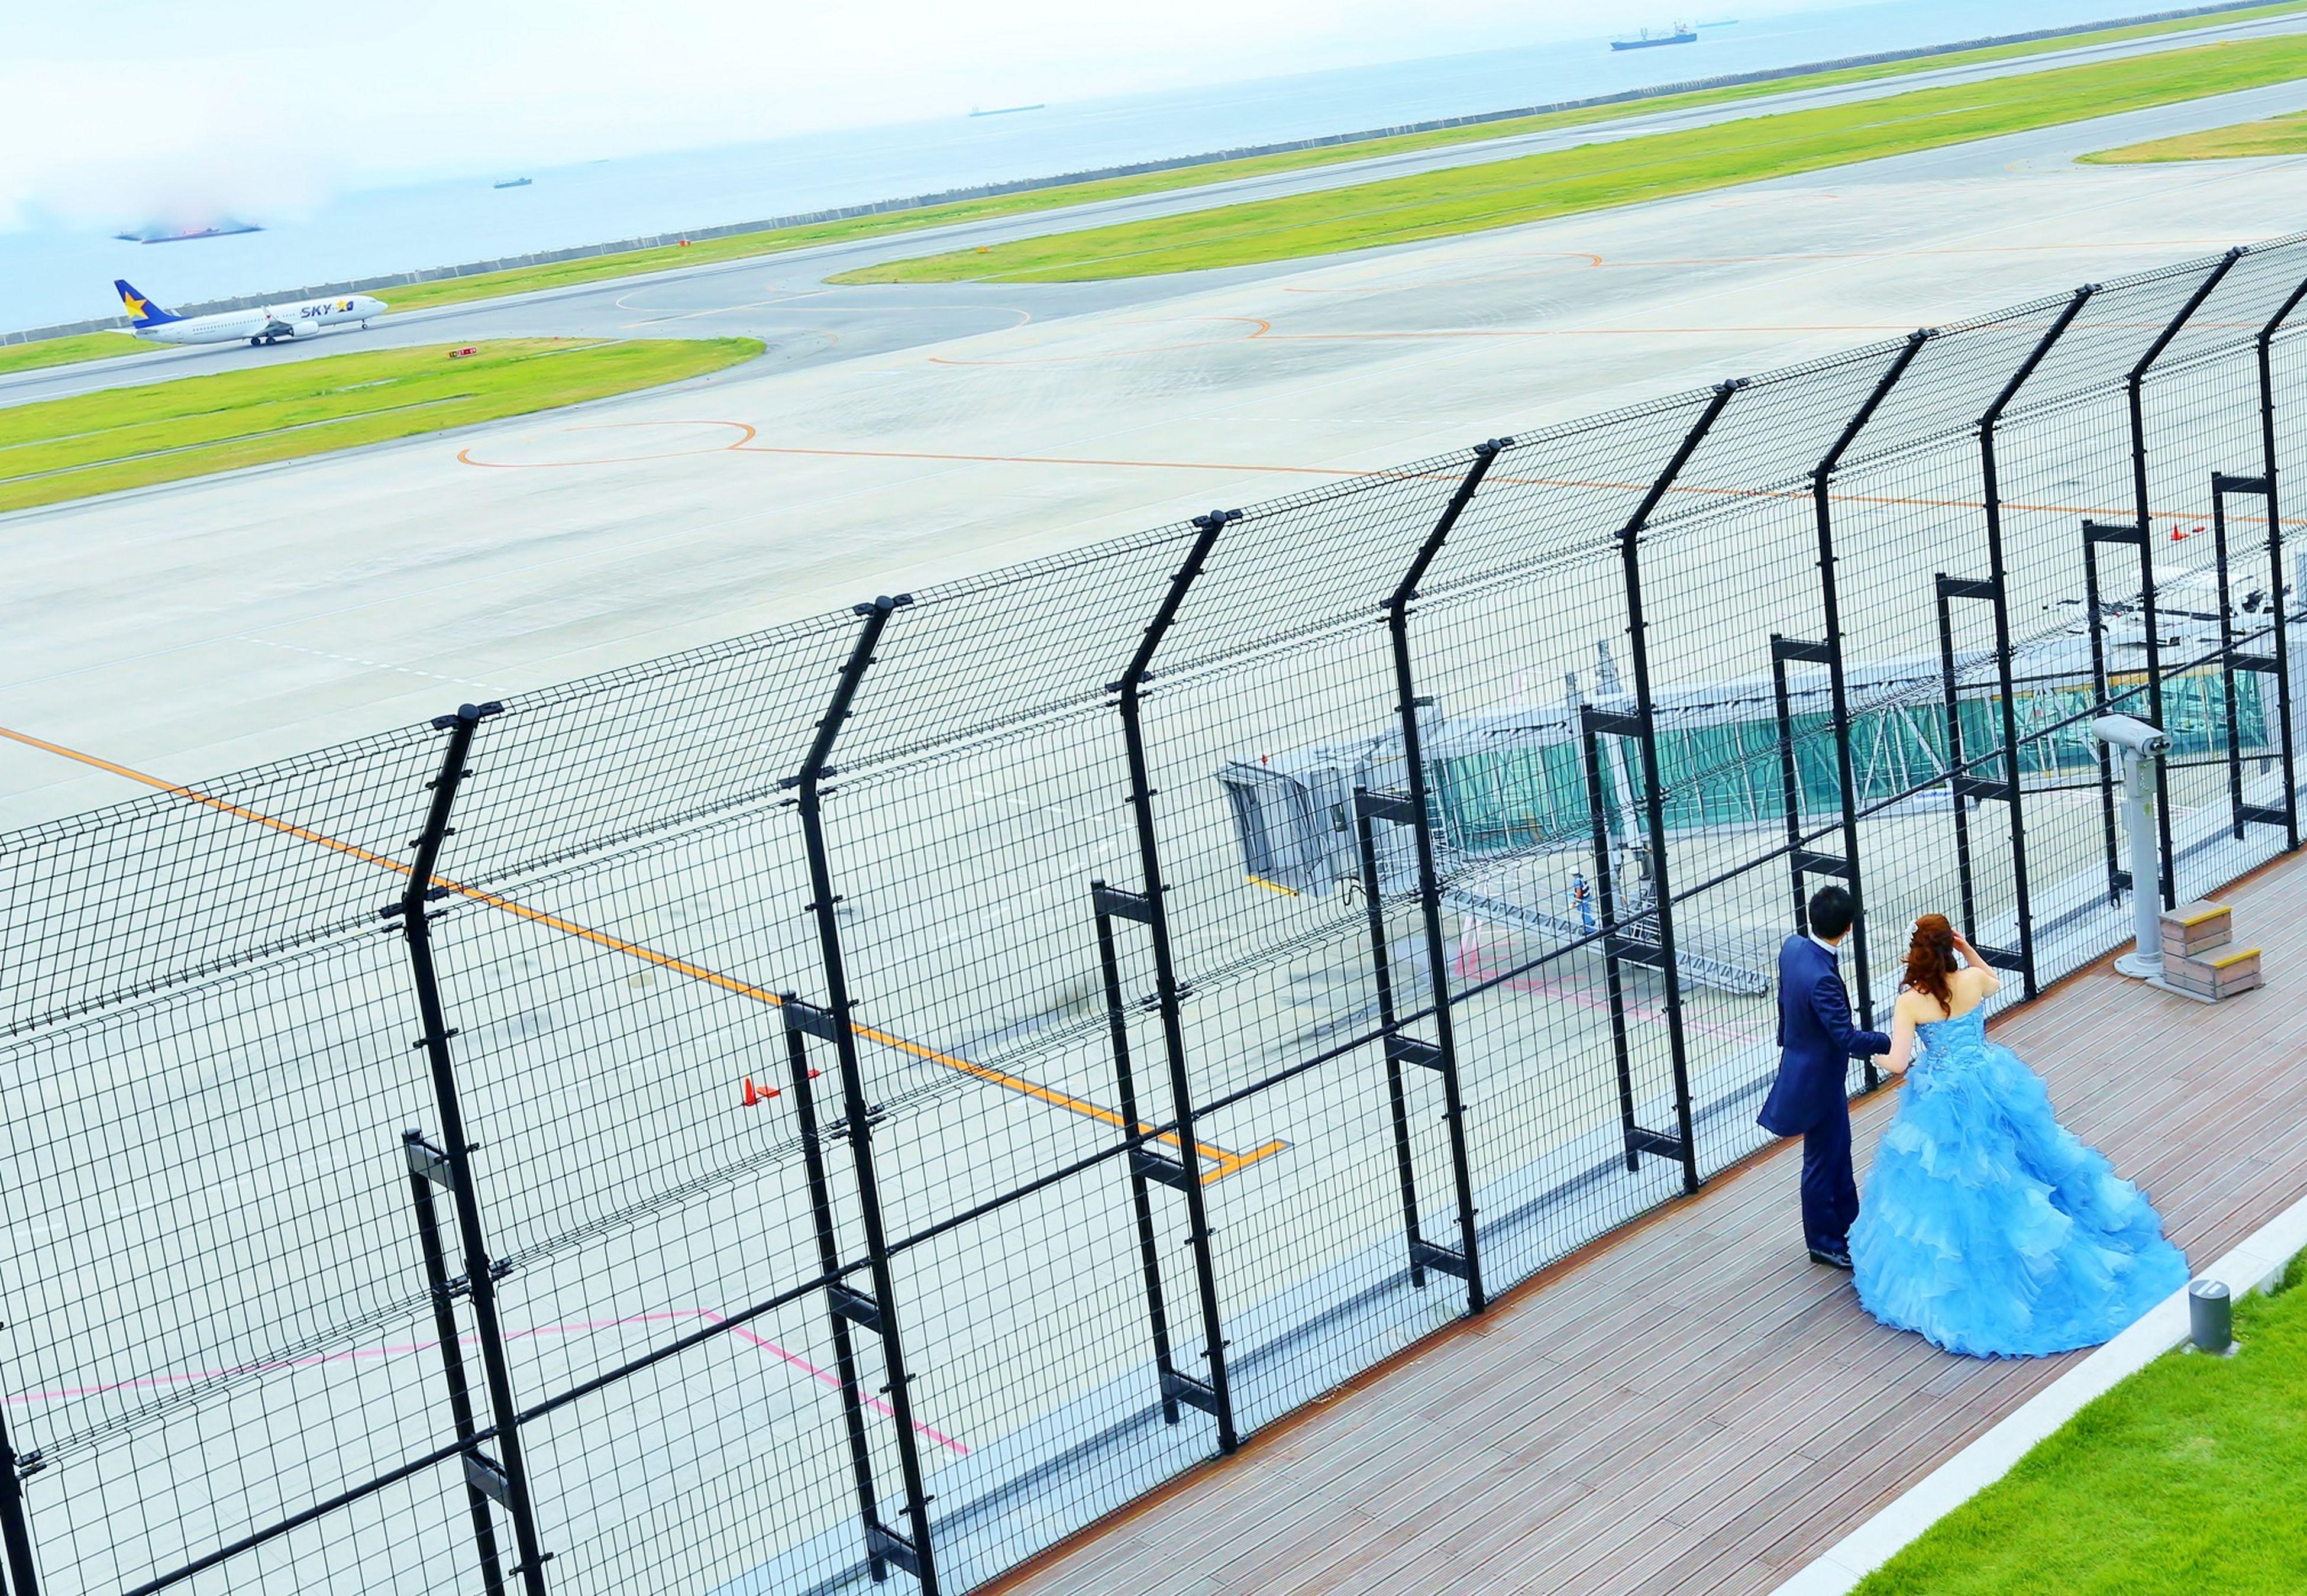 神戸空港でのブライダル_ロケーションフォト。 テーマカラーのブルーのカラードレス、 左奥には飛行機が飛び立つ準備! Airport Bridle Couture Wedding Weddingsaloninoue Wedigdress こb こうべ こうb